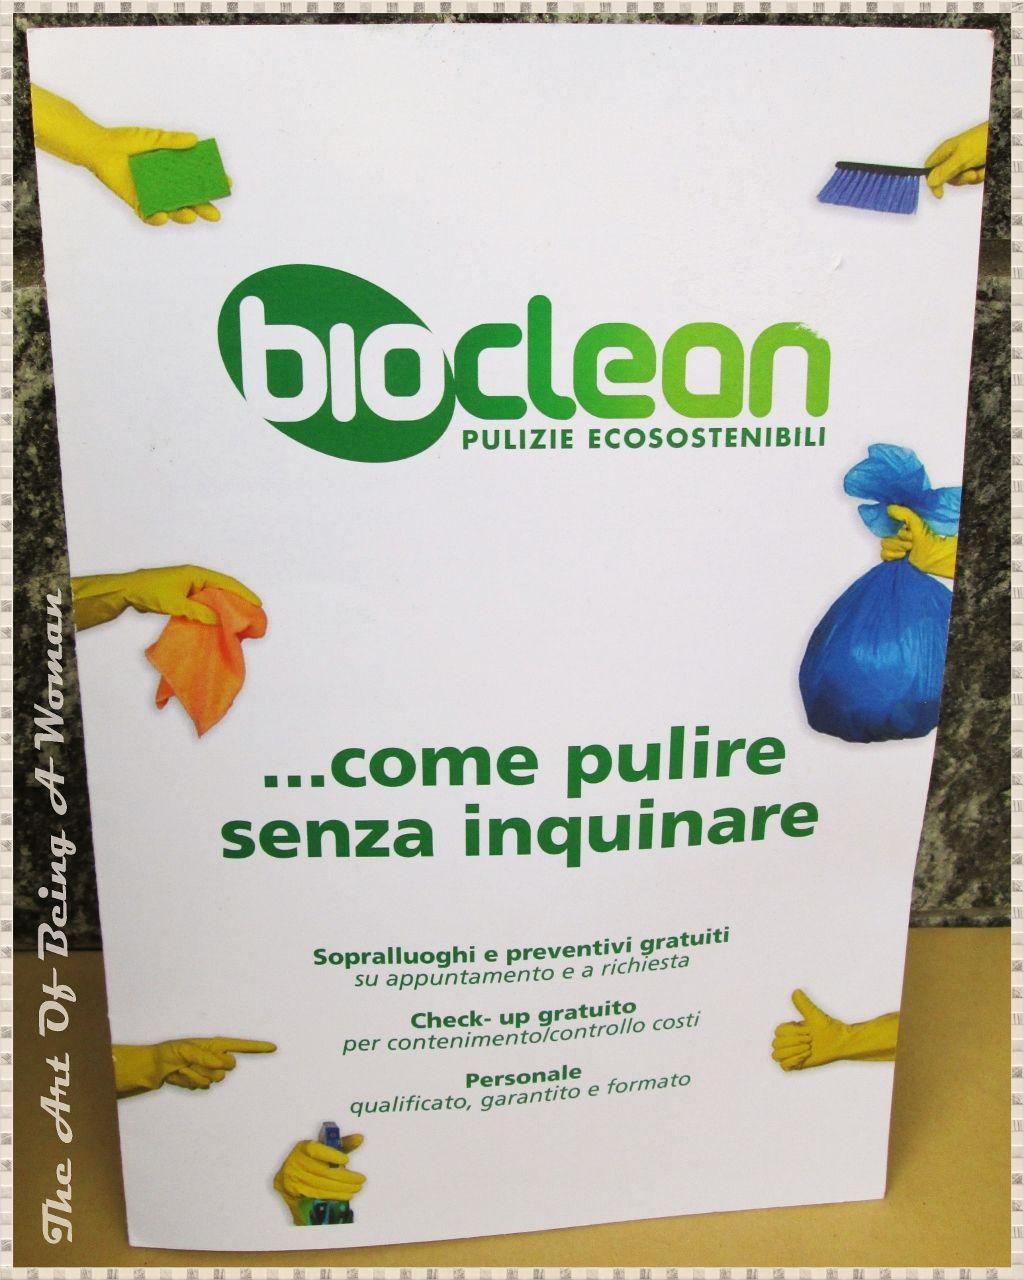 Come pulire senza inquinare...